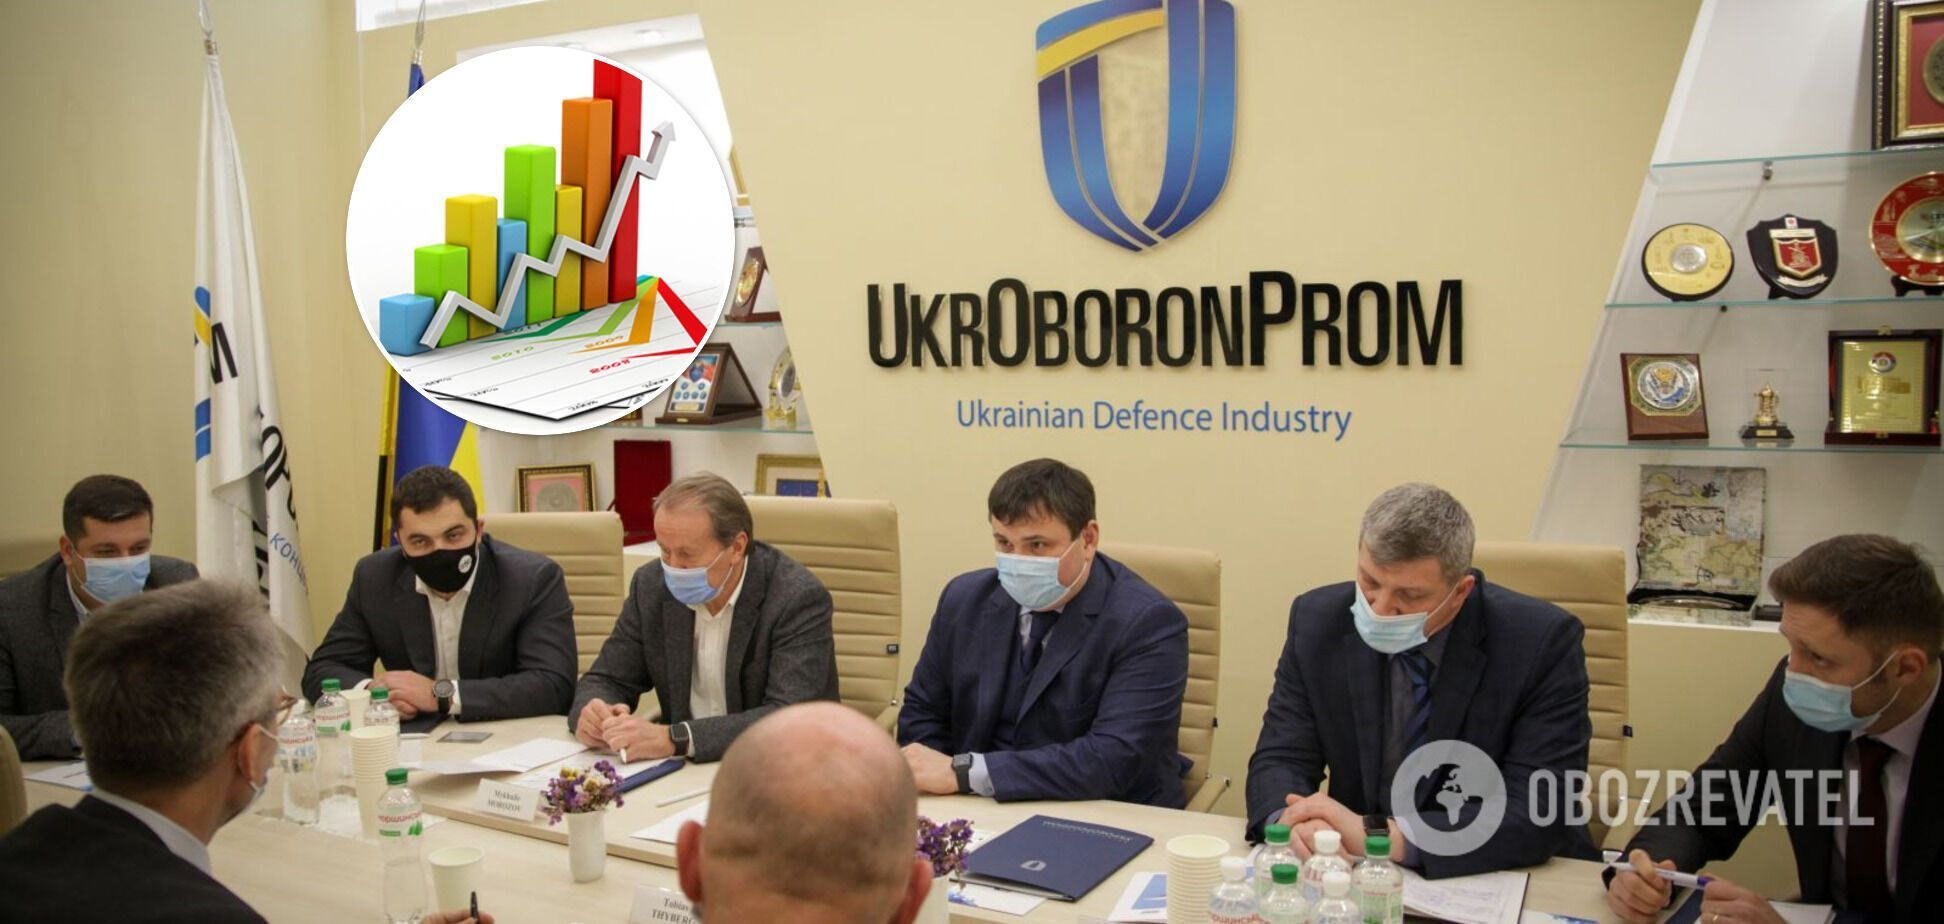 Що не так з 'прозорістю' 'Укроборонпрому'